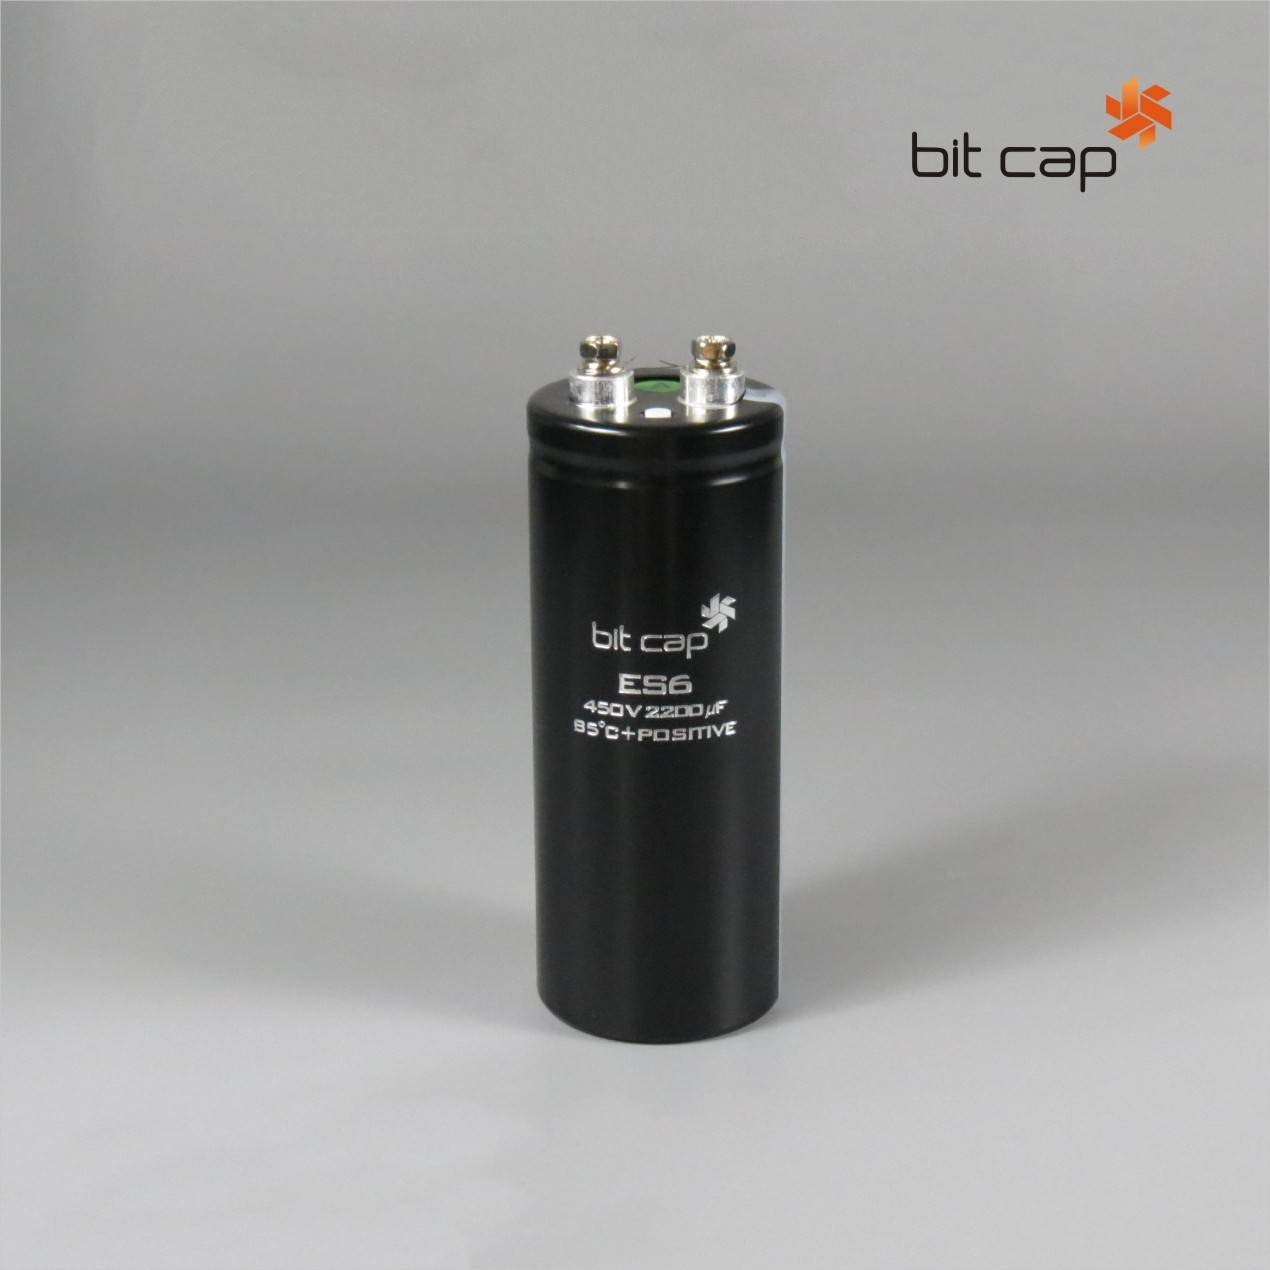 bit cap ES6  400V 2200uF  aluminum electronic capacitors